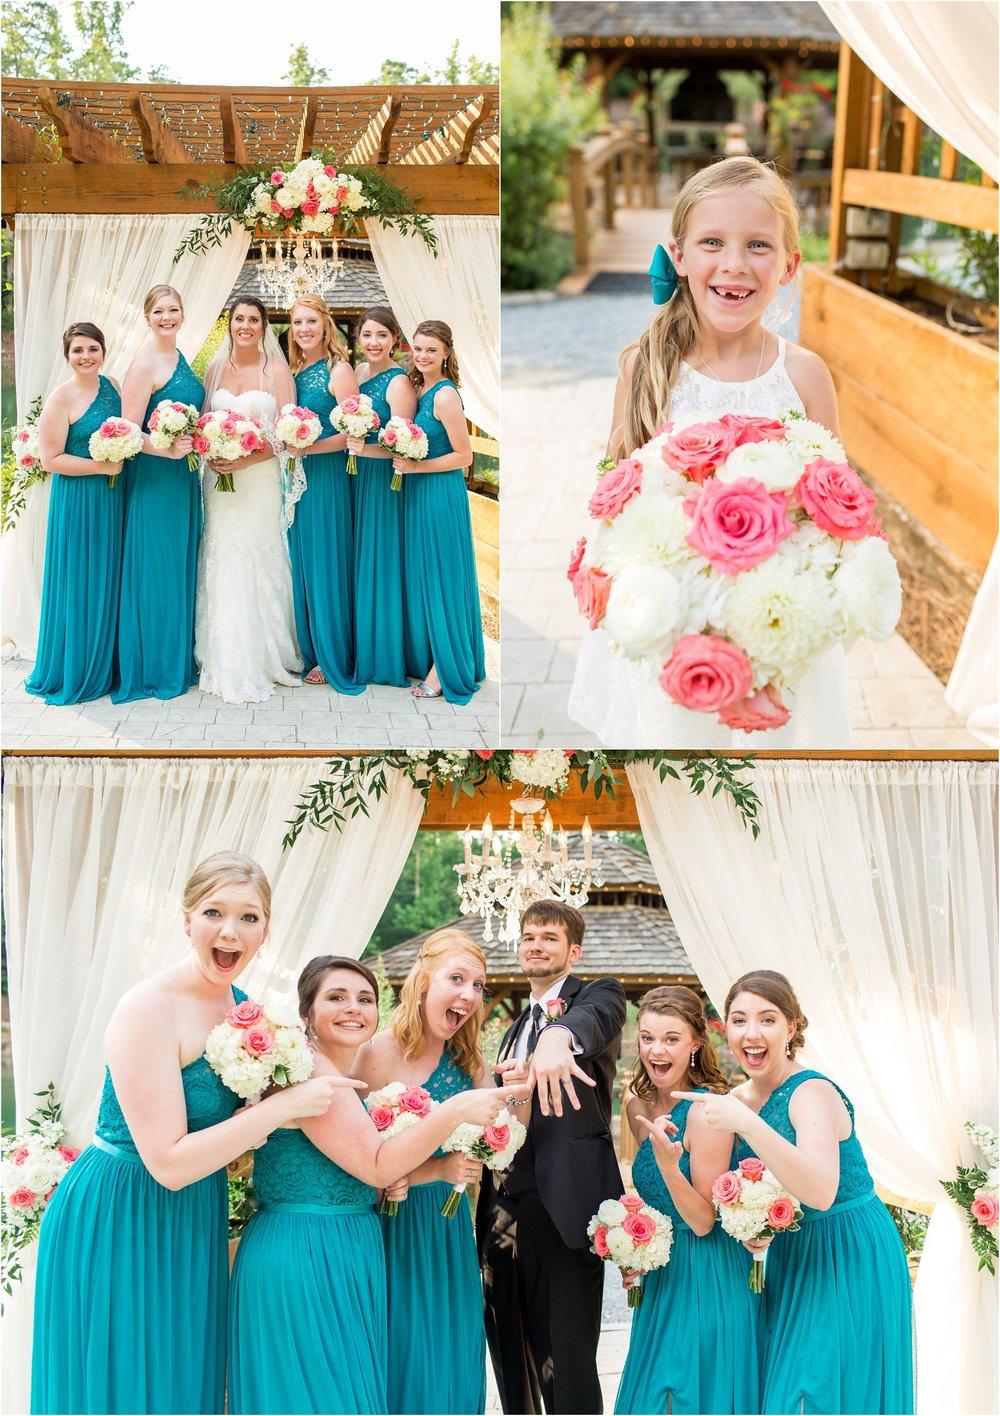 Savannah Eve Photography- Roberts-Brown Wedding- Sneak Peek-66.jpg